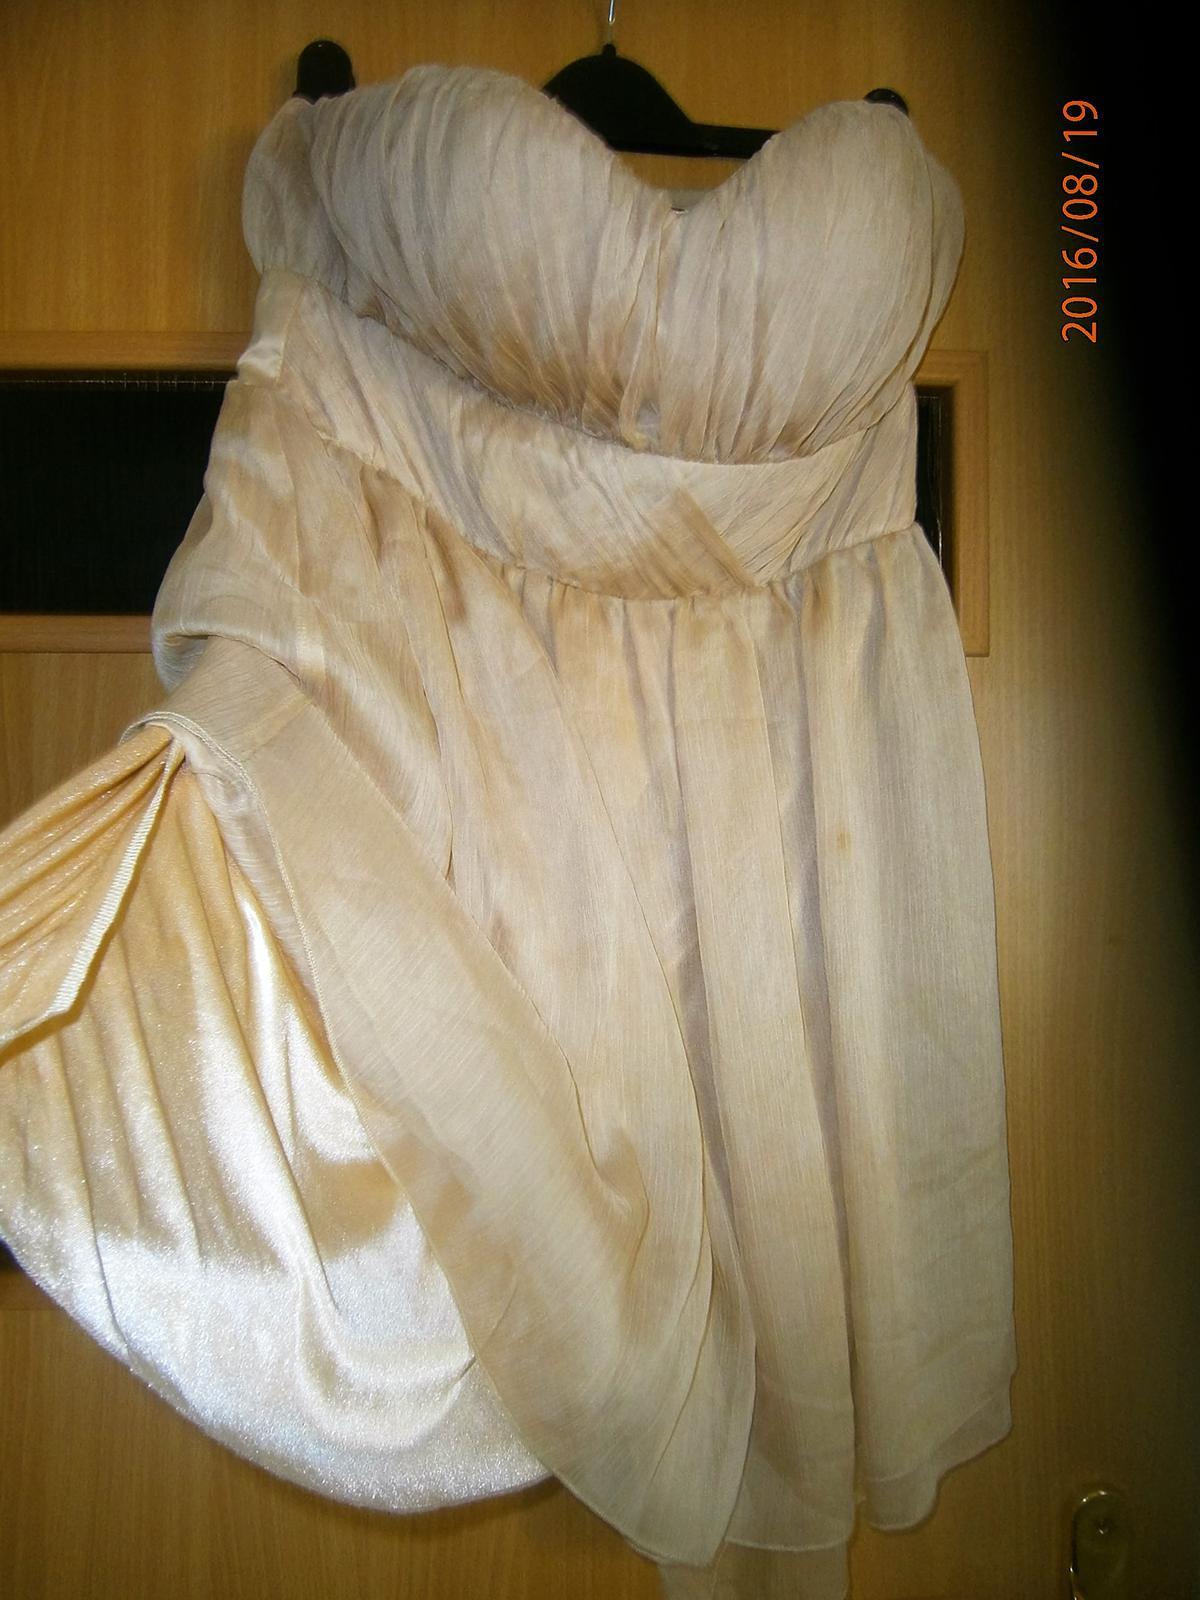 krátké šaty vel.40 - Obrázek č. 2